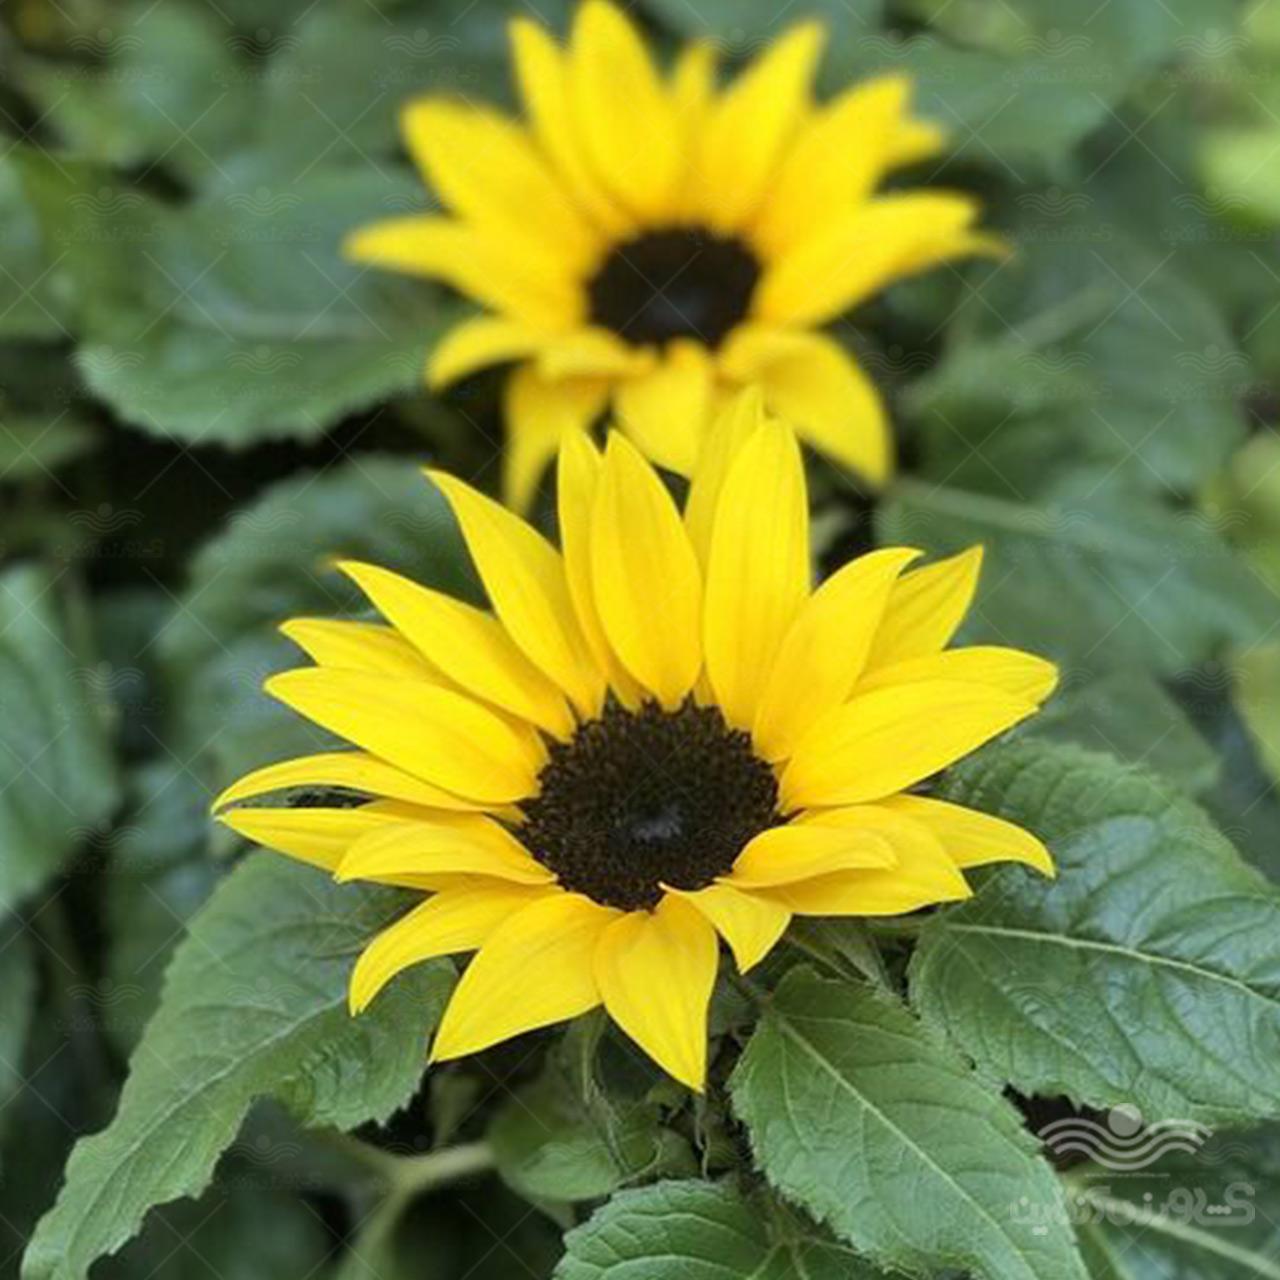 بذر گل آفتابگردان زینتی زرد